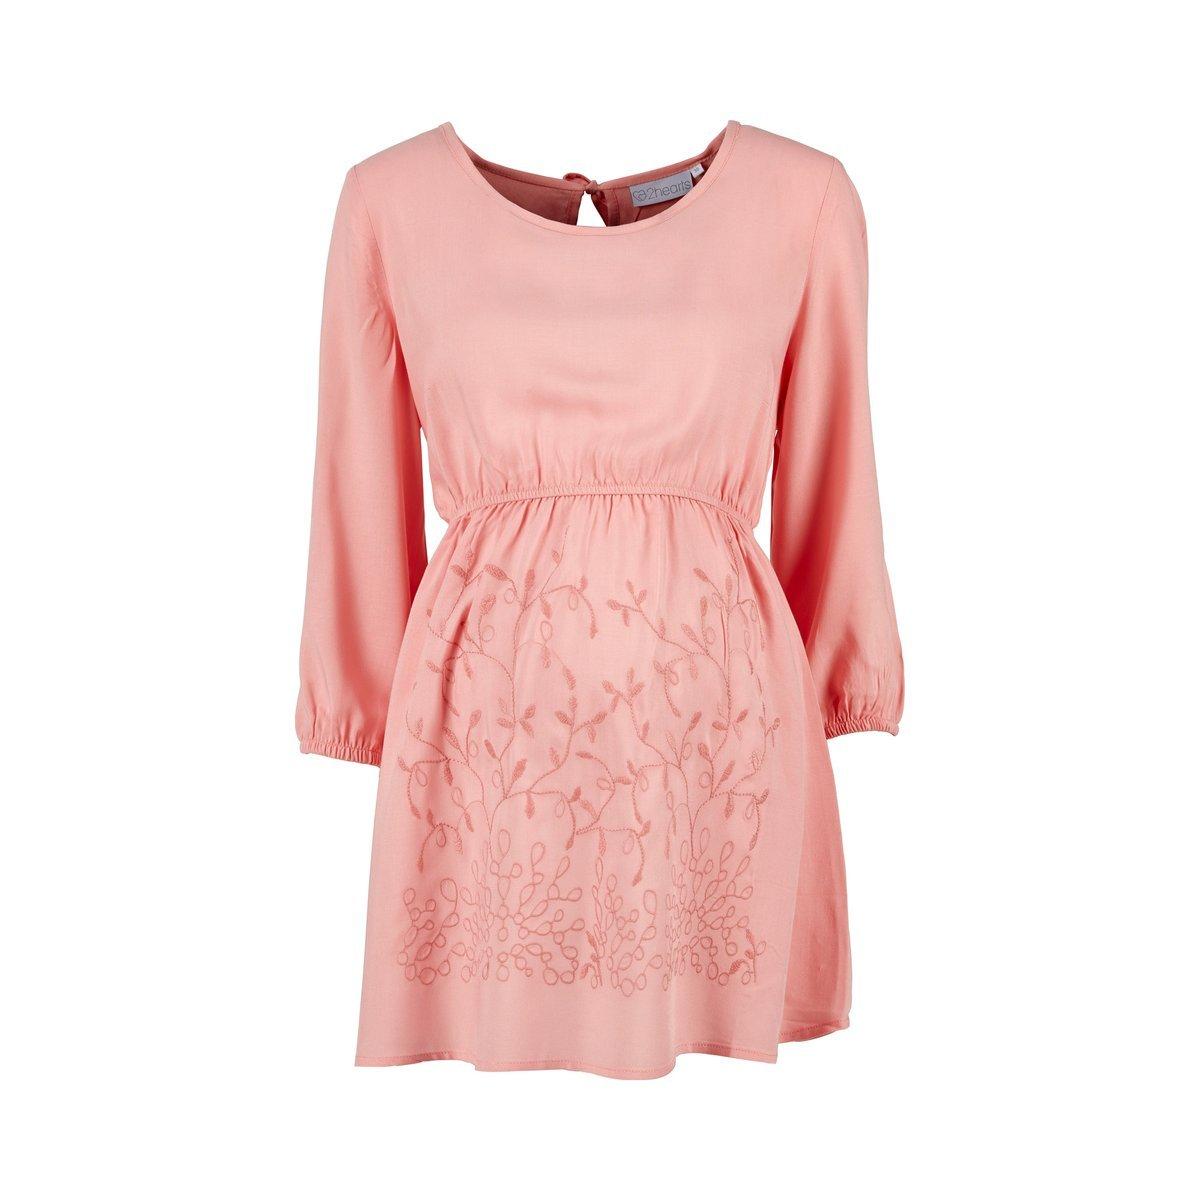 2HEARTS Mermaid in Love Umstands-Bluse Rosa/Damen Umstandsmode/Schwangerschaftsmode / Bluse für Werdende Mamas